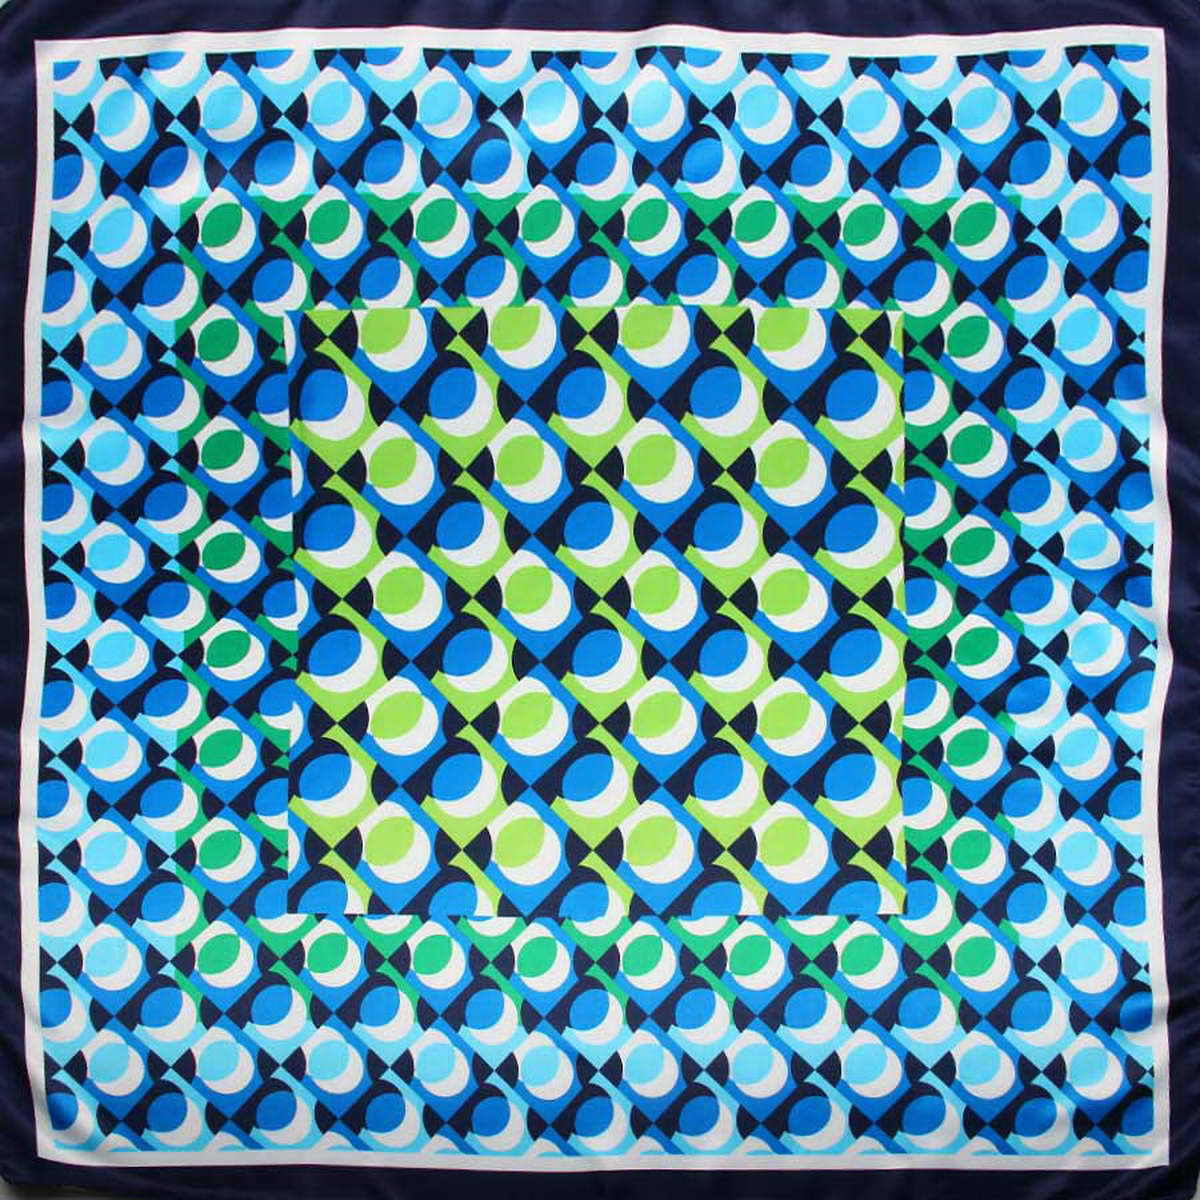 Платок женский Venera, цвет: голубой, синий, салатовый. 3915183-9. Размер 90 см х 90 см3915183-9Стильный женский платок Venera станет великолепным завершением любого наряда. Платок, изготовленный из полиэстера, оформлен оригинальным принтом. Классическая квадратная форма позволяет носить платок на шее, украшать им прическу или декорировать сумочку. Легкий и приятный на ощупь платок поможет вам создать изысканный женственный образ. Такой платок превосходно дополнит любой наряд и подчеркнет ваш неповторимый вкус и элегантность.